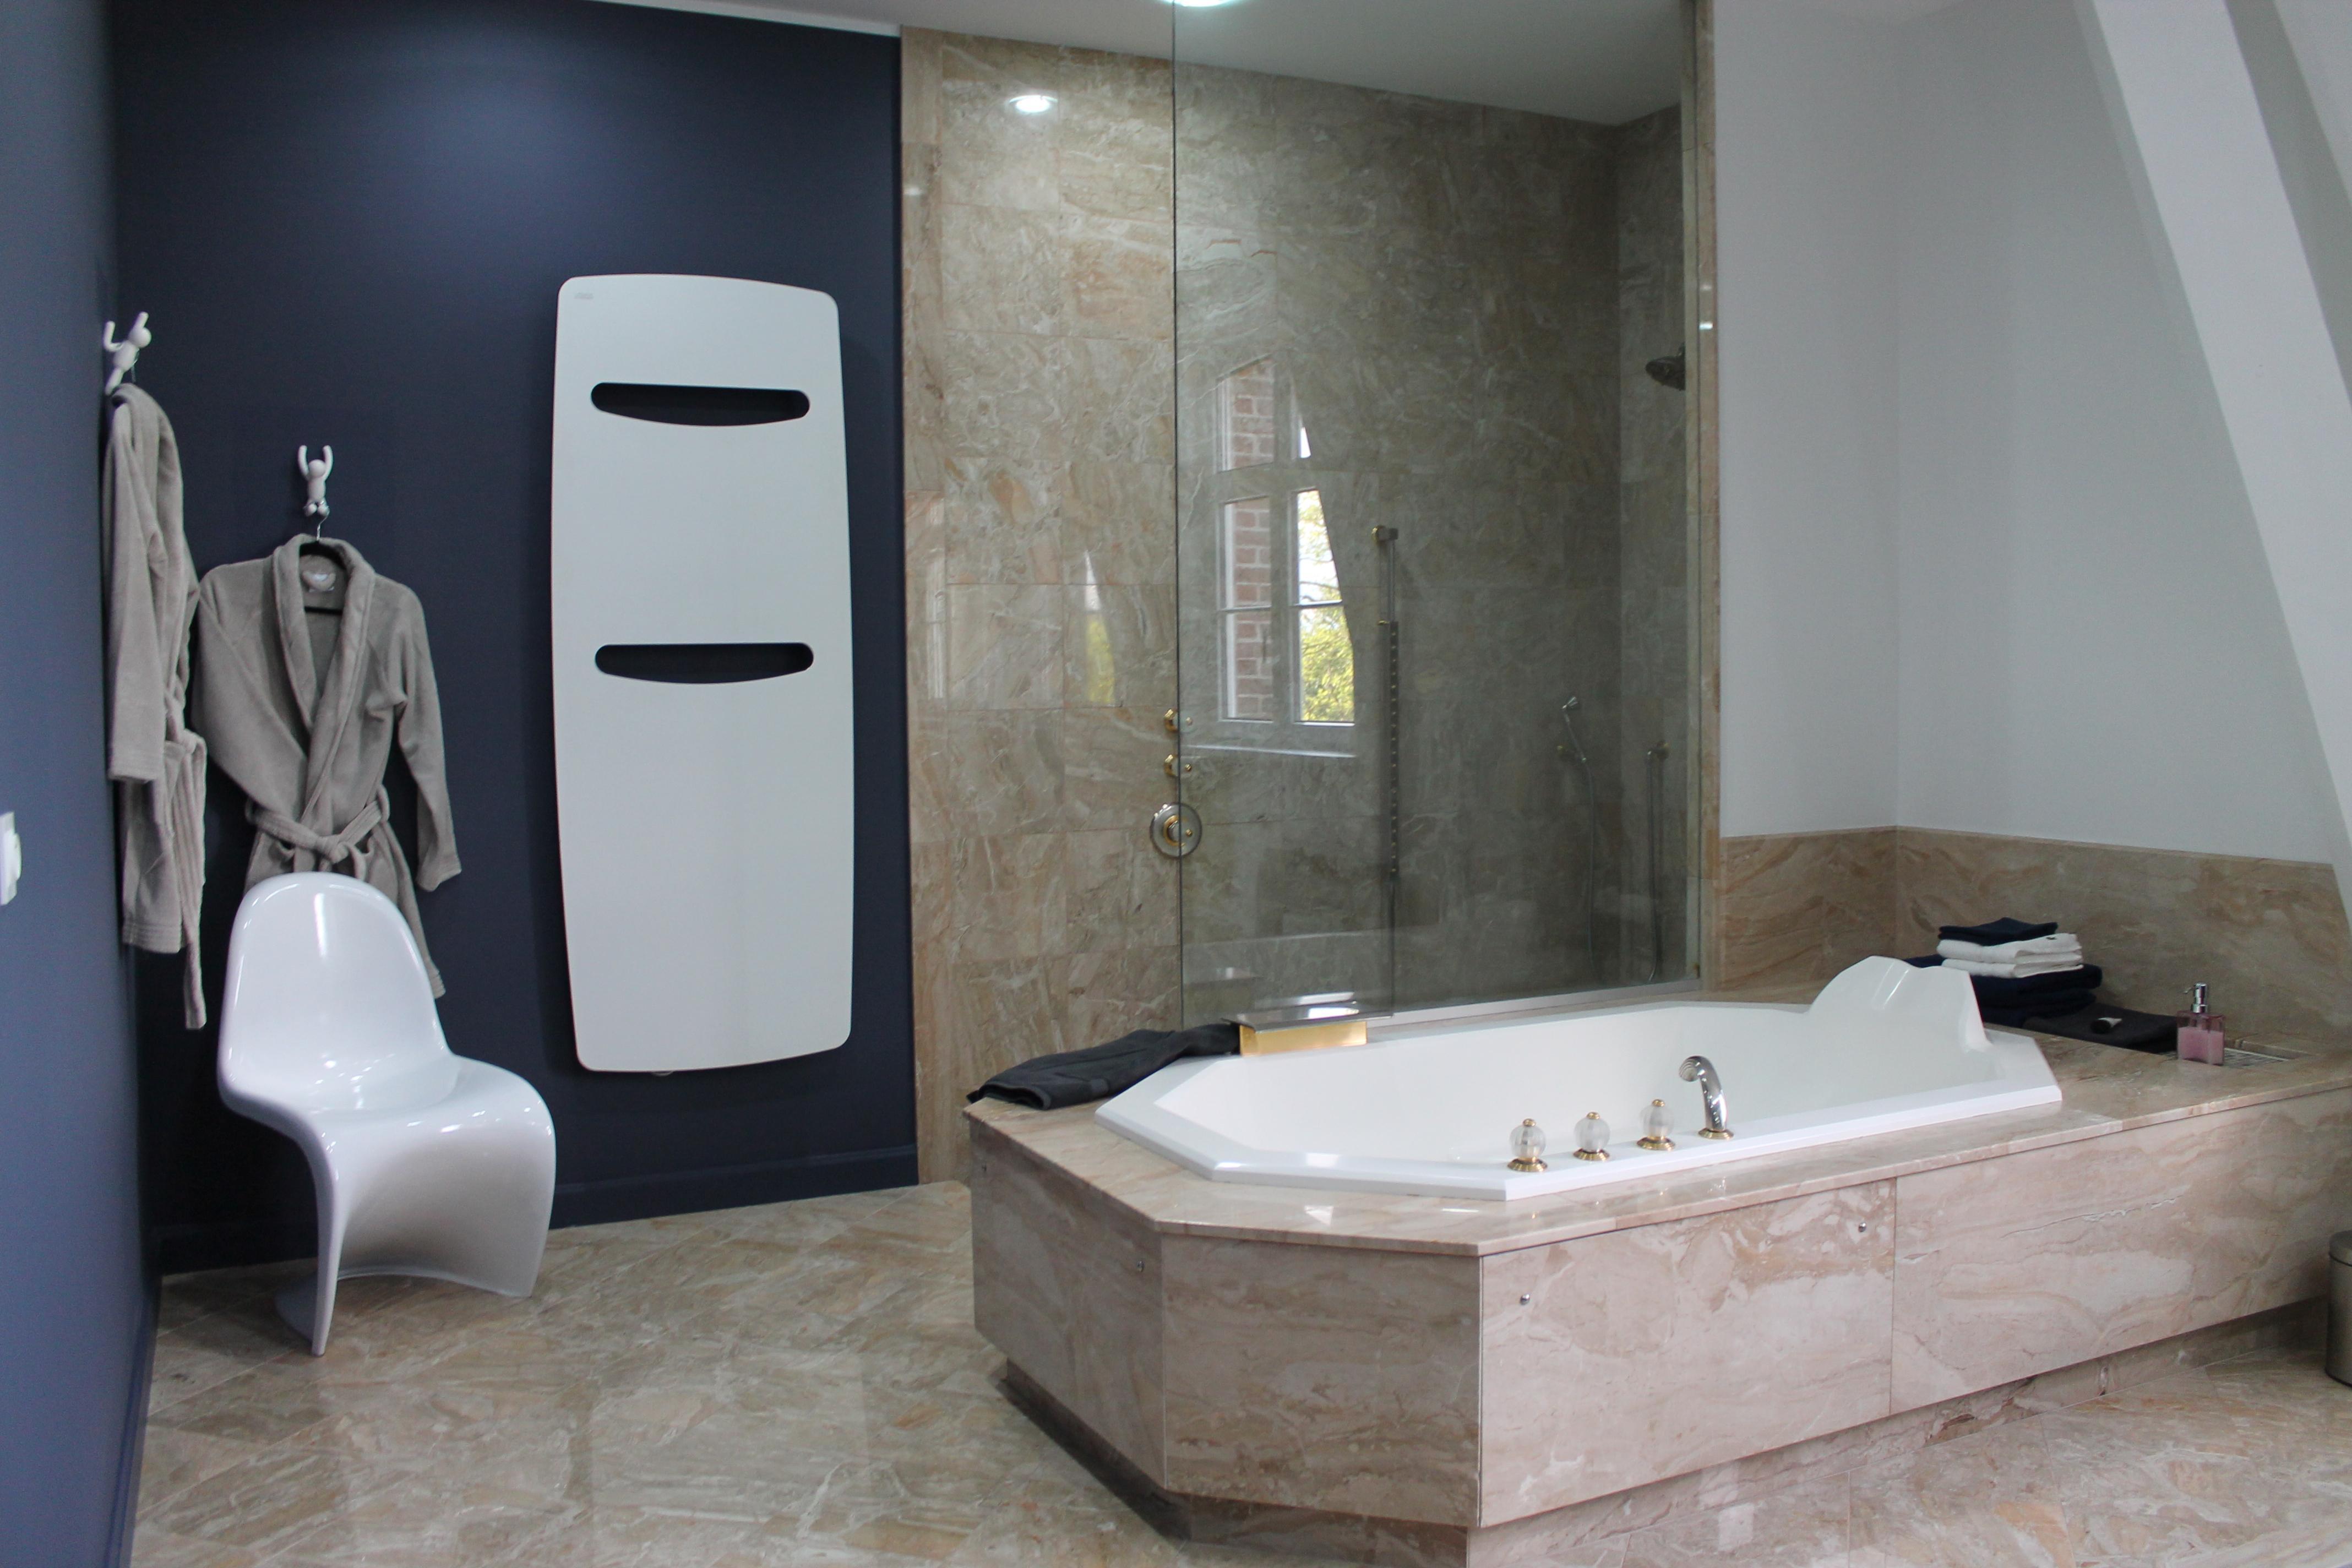 Le Corbusier Bain et douche